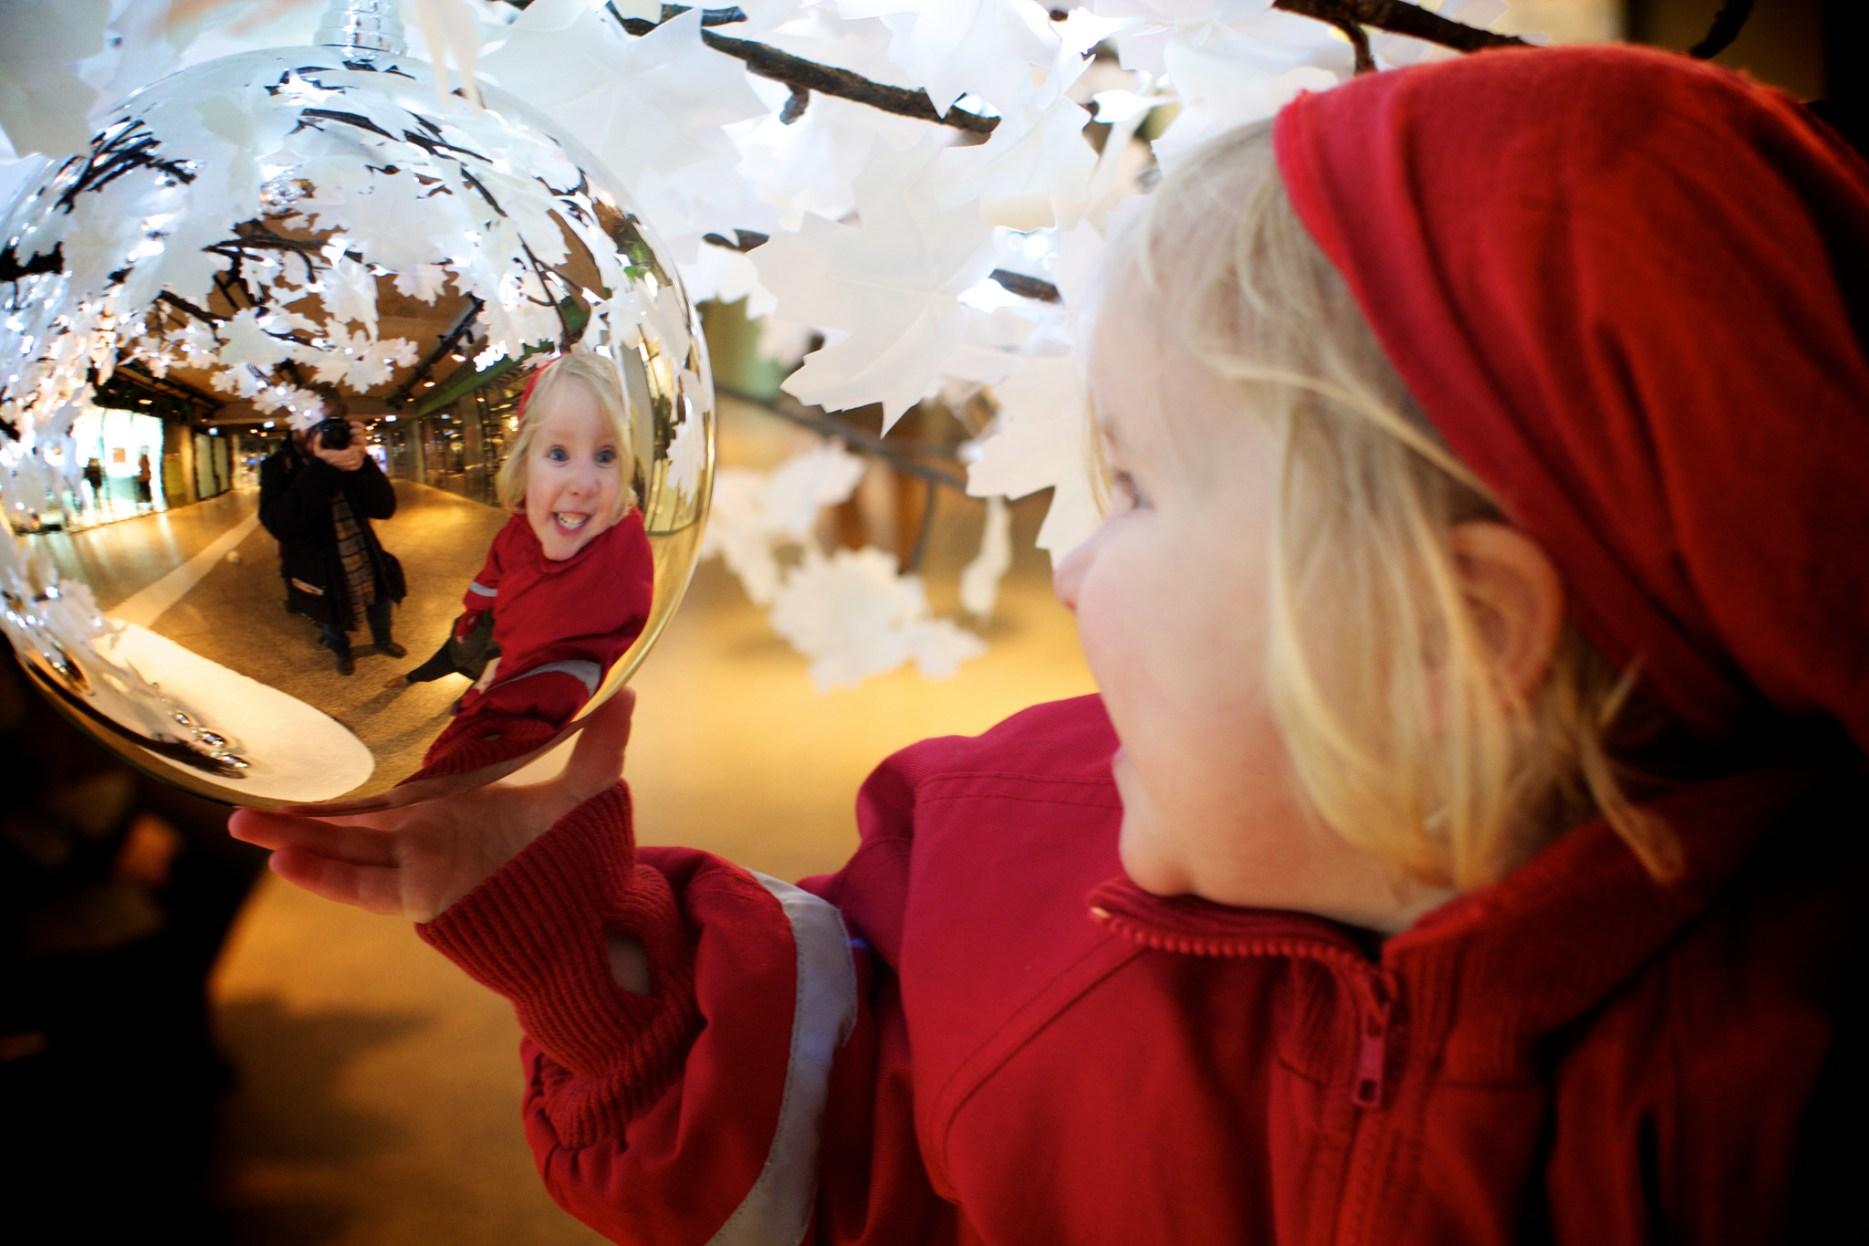 Heiðbjört Anna speglar sig í jólakúlu